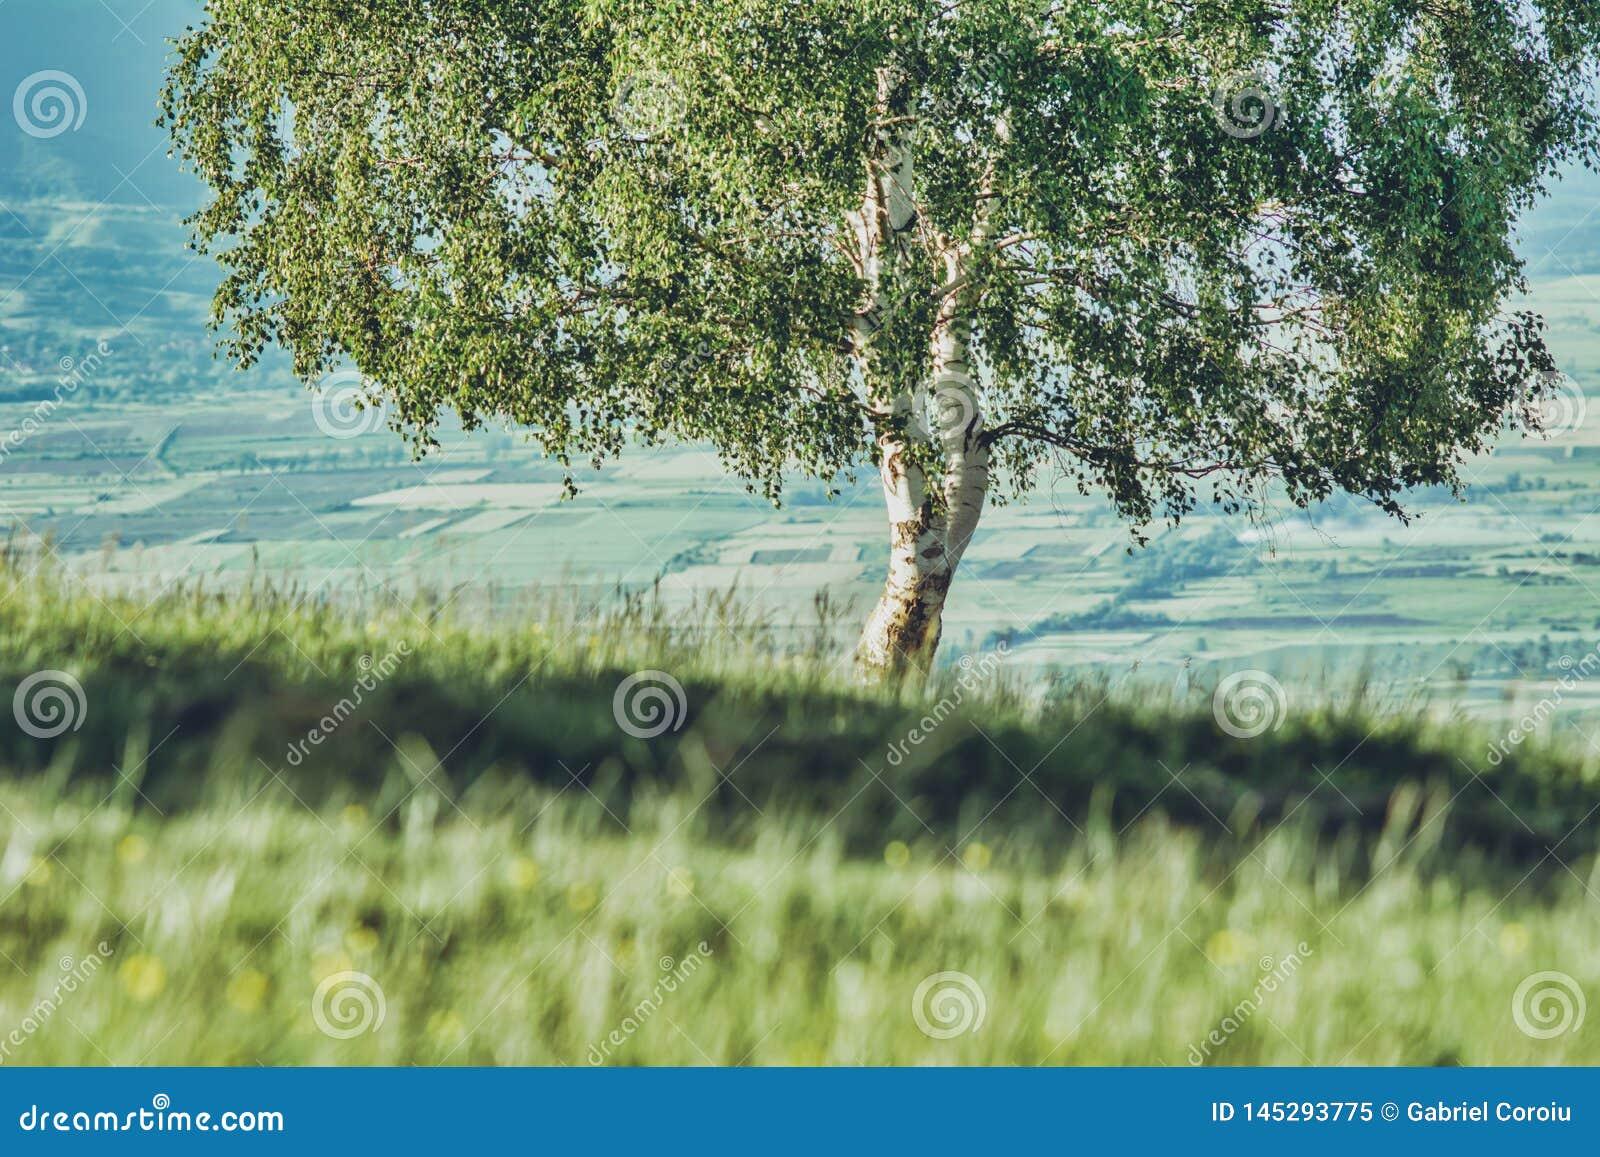 Albero da solo su una collina con erba verde